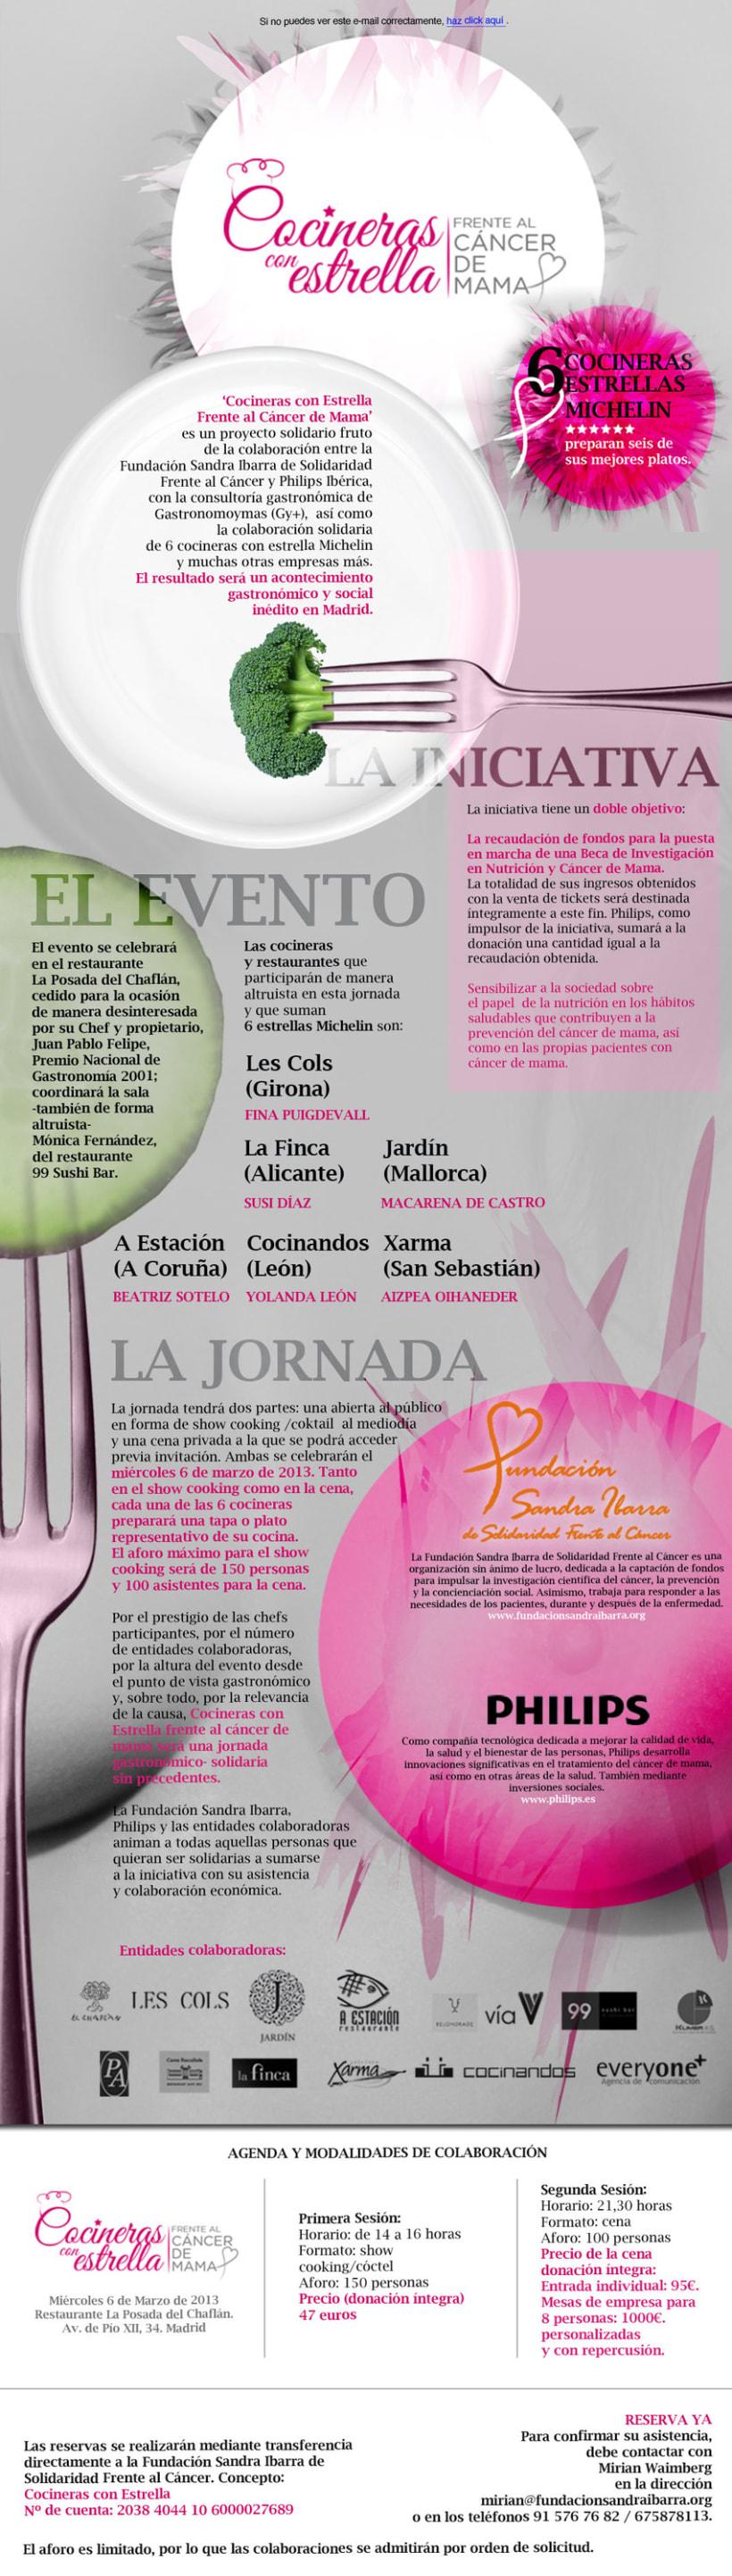 cocineras frente al cáncer de mama 4